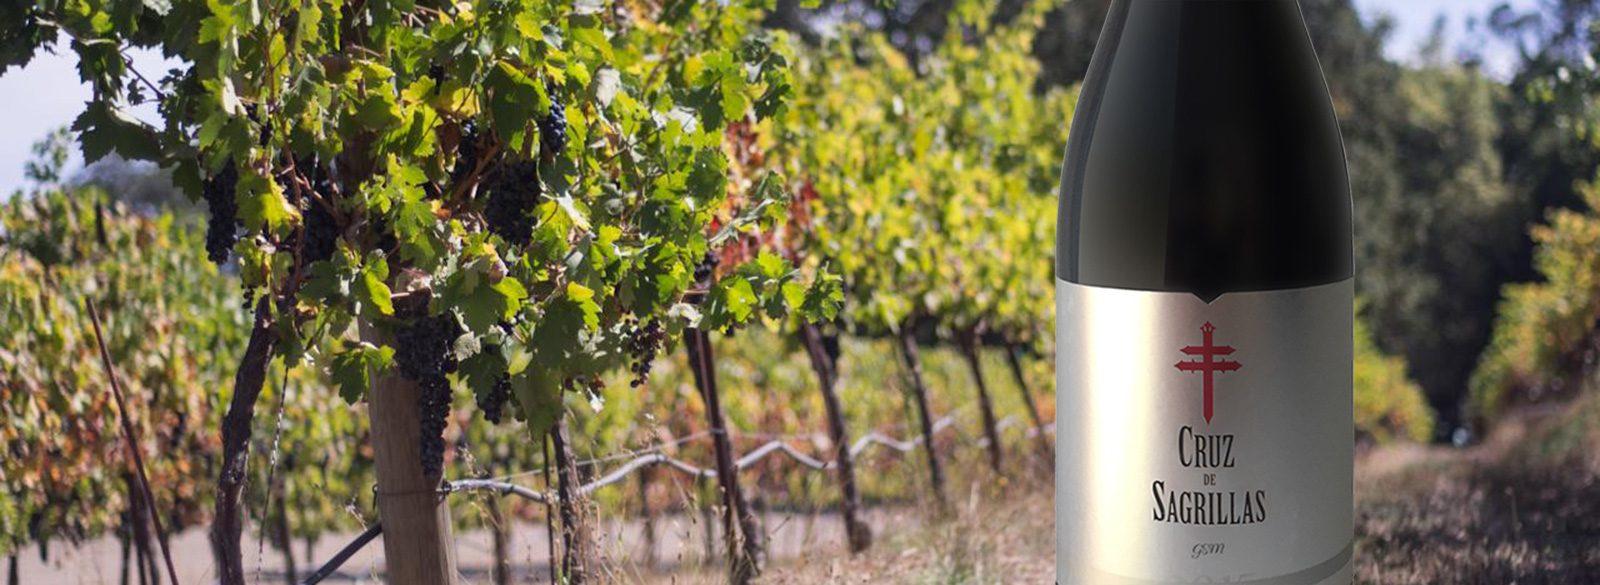 Así es Cruz de Sagrillas, «el vino de Cuéntame»